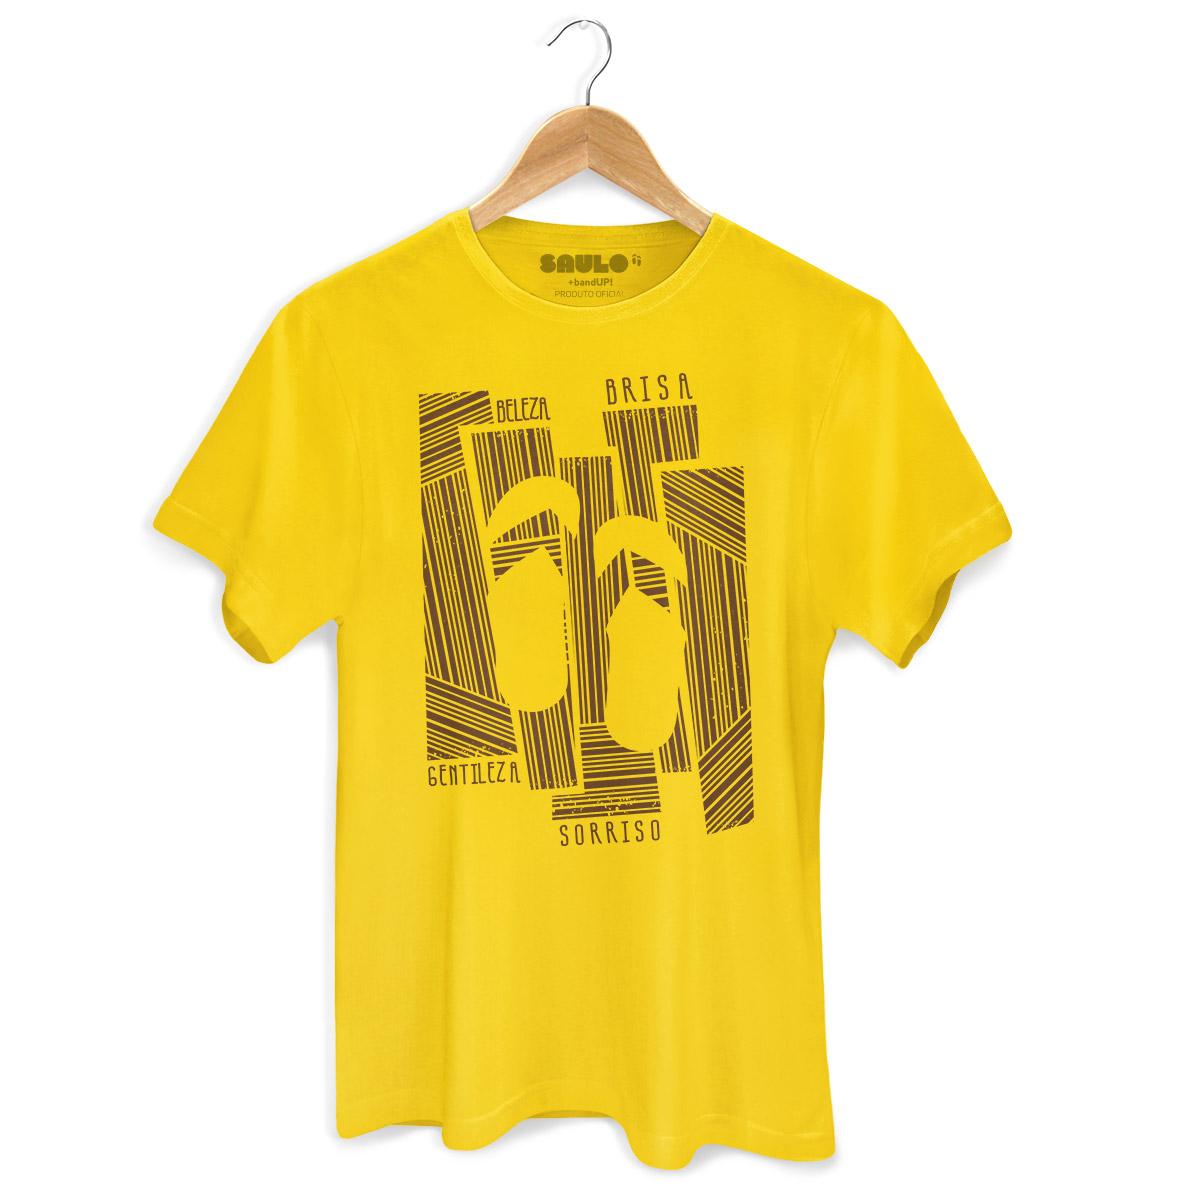 Camiseta Masculina Saulo Beleza, Brisa, Gentileza e Sorriso